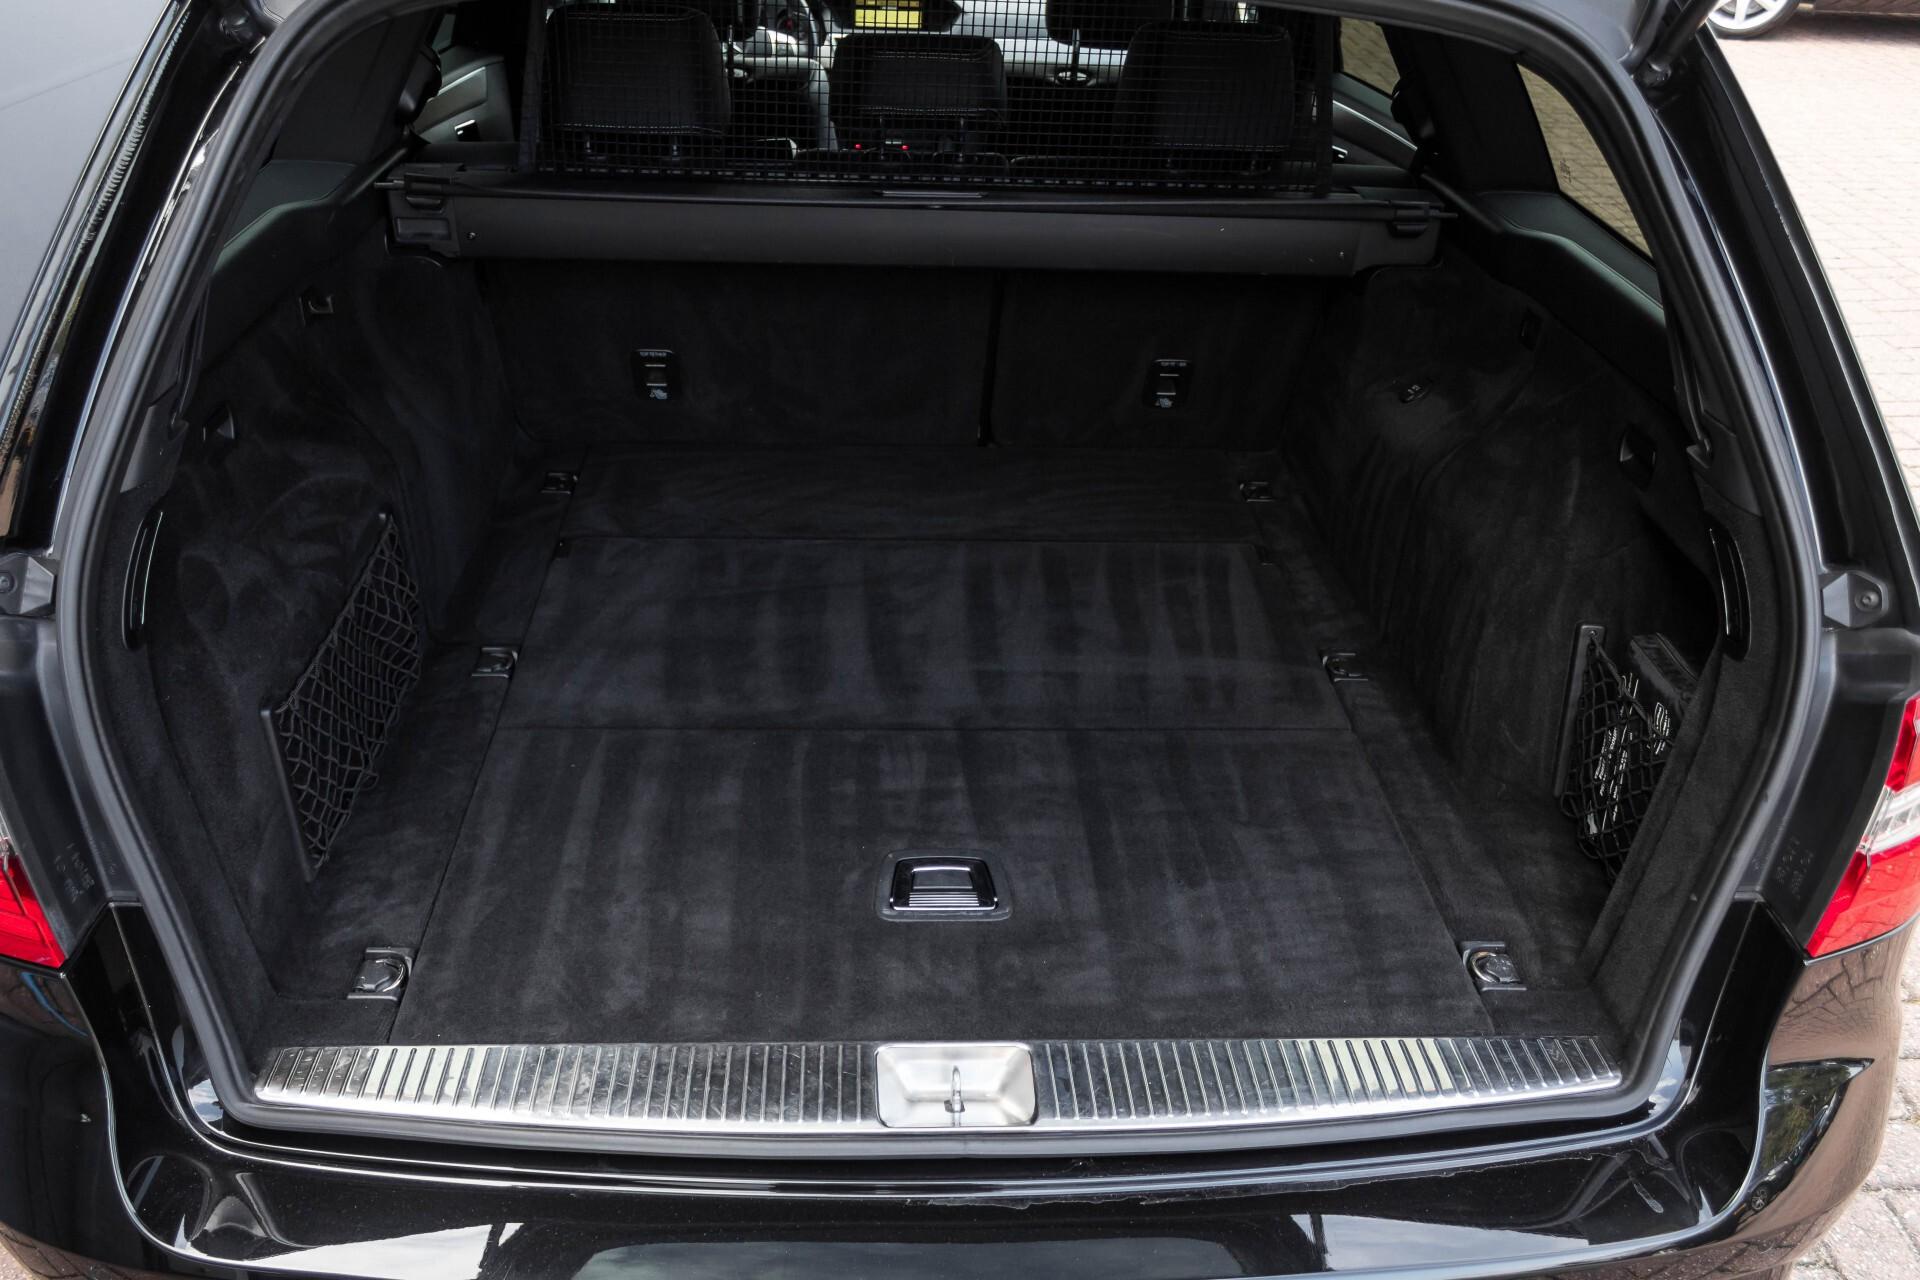 Mercedes-Benz E-Klasse Estate 350 Cdi AMG Luchtvering/Schuifdak/Comand/Harman Kardon/ILS Aut7 Foto 49